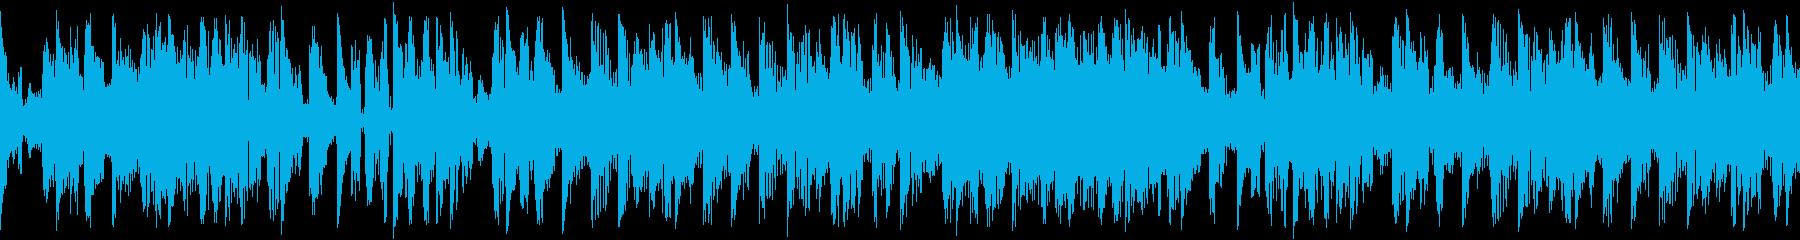 淡々としたリズムを刻む楽曲です。の再生済みの波形